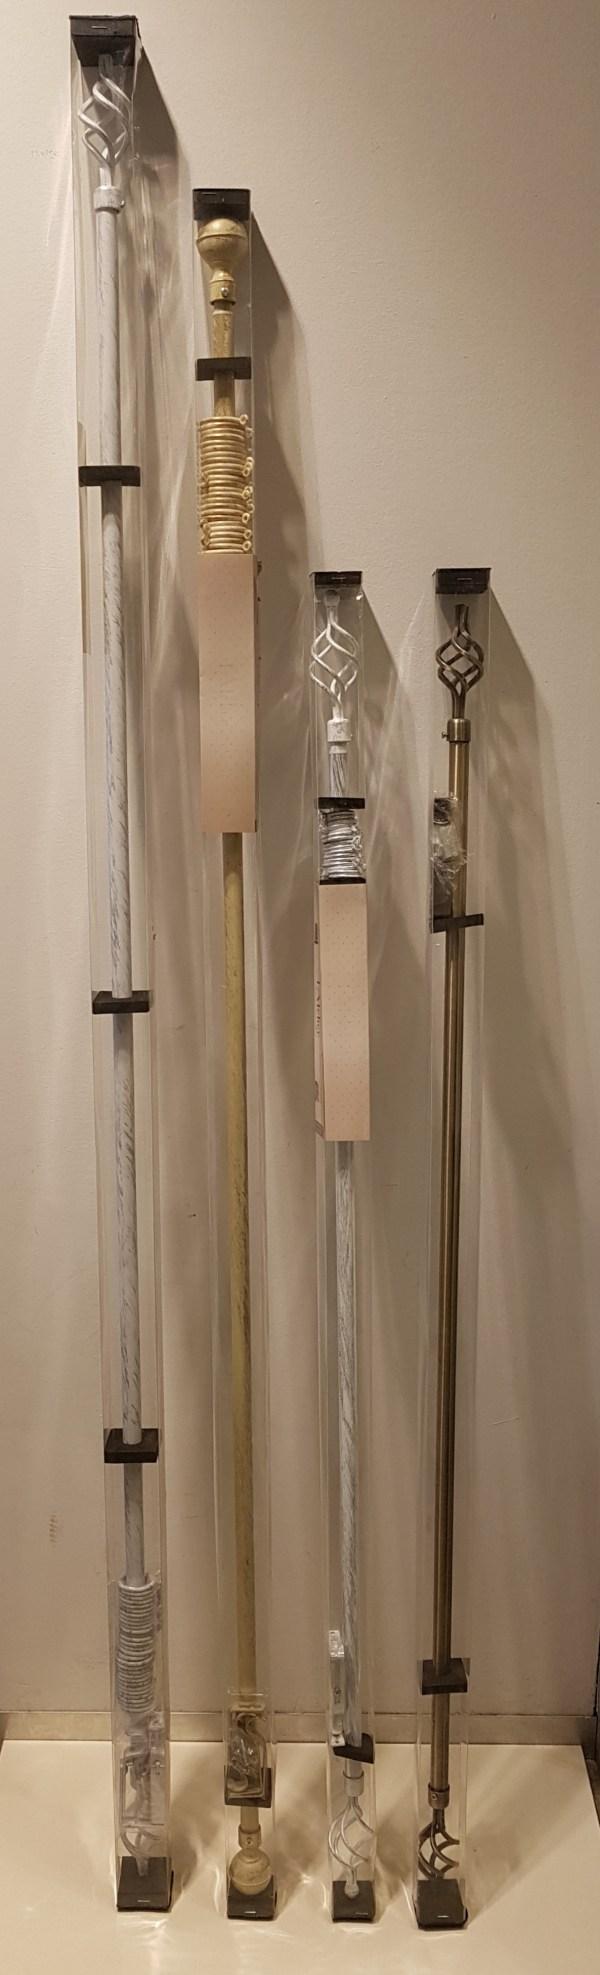 bastone per tenda